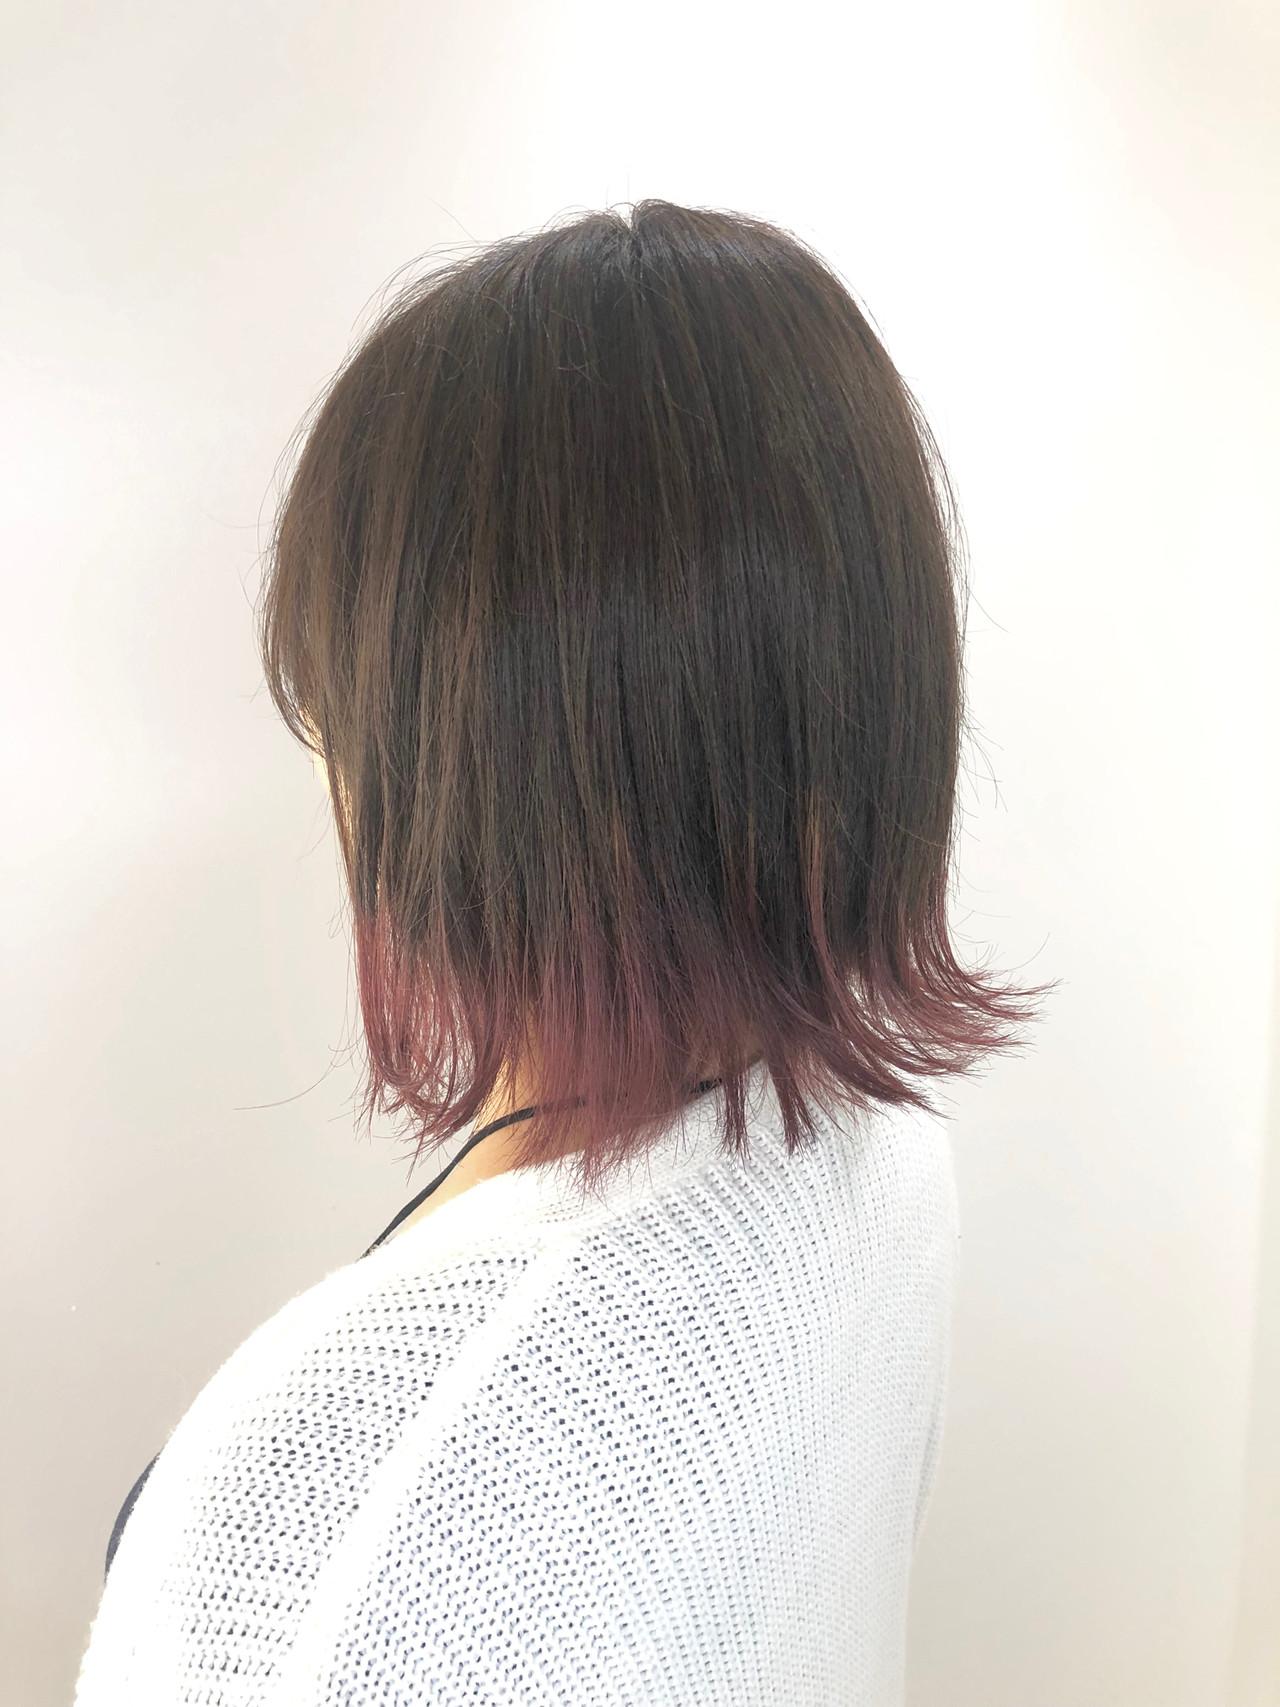 イルミナカラー ボブ 裾カラー 艶カラー ヘアスタイルや髪型の写真・画像